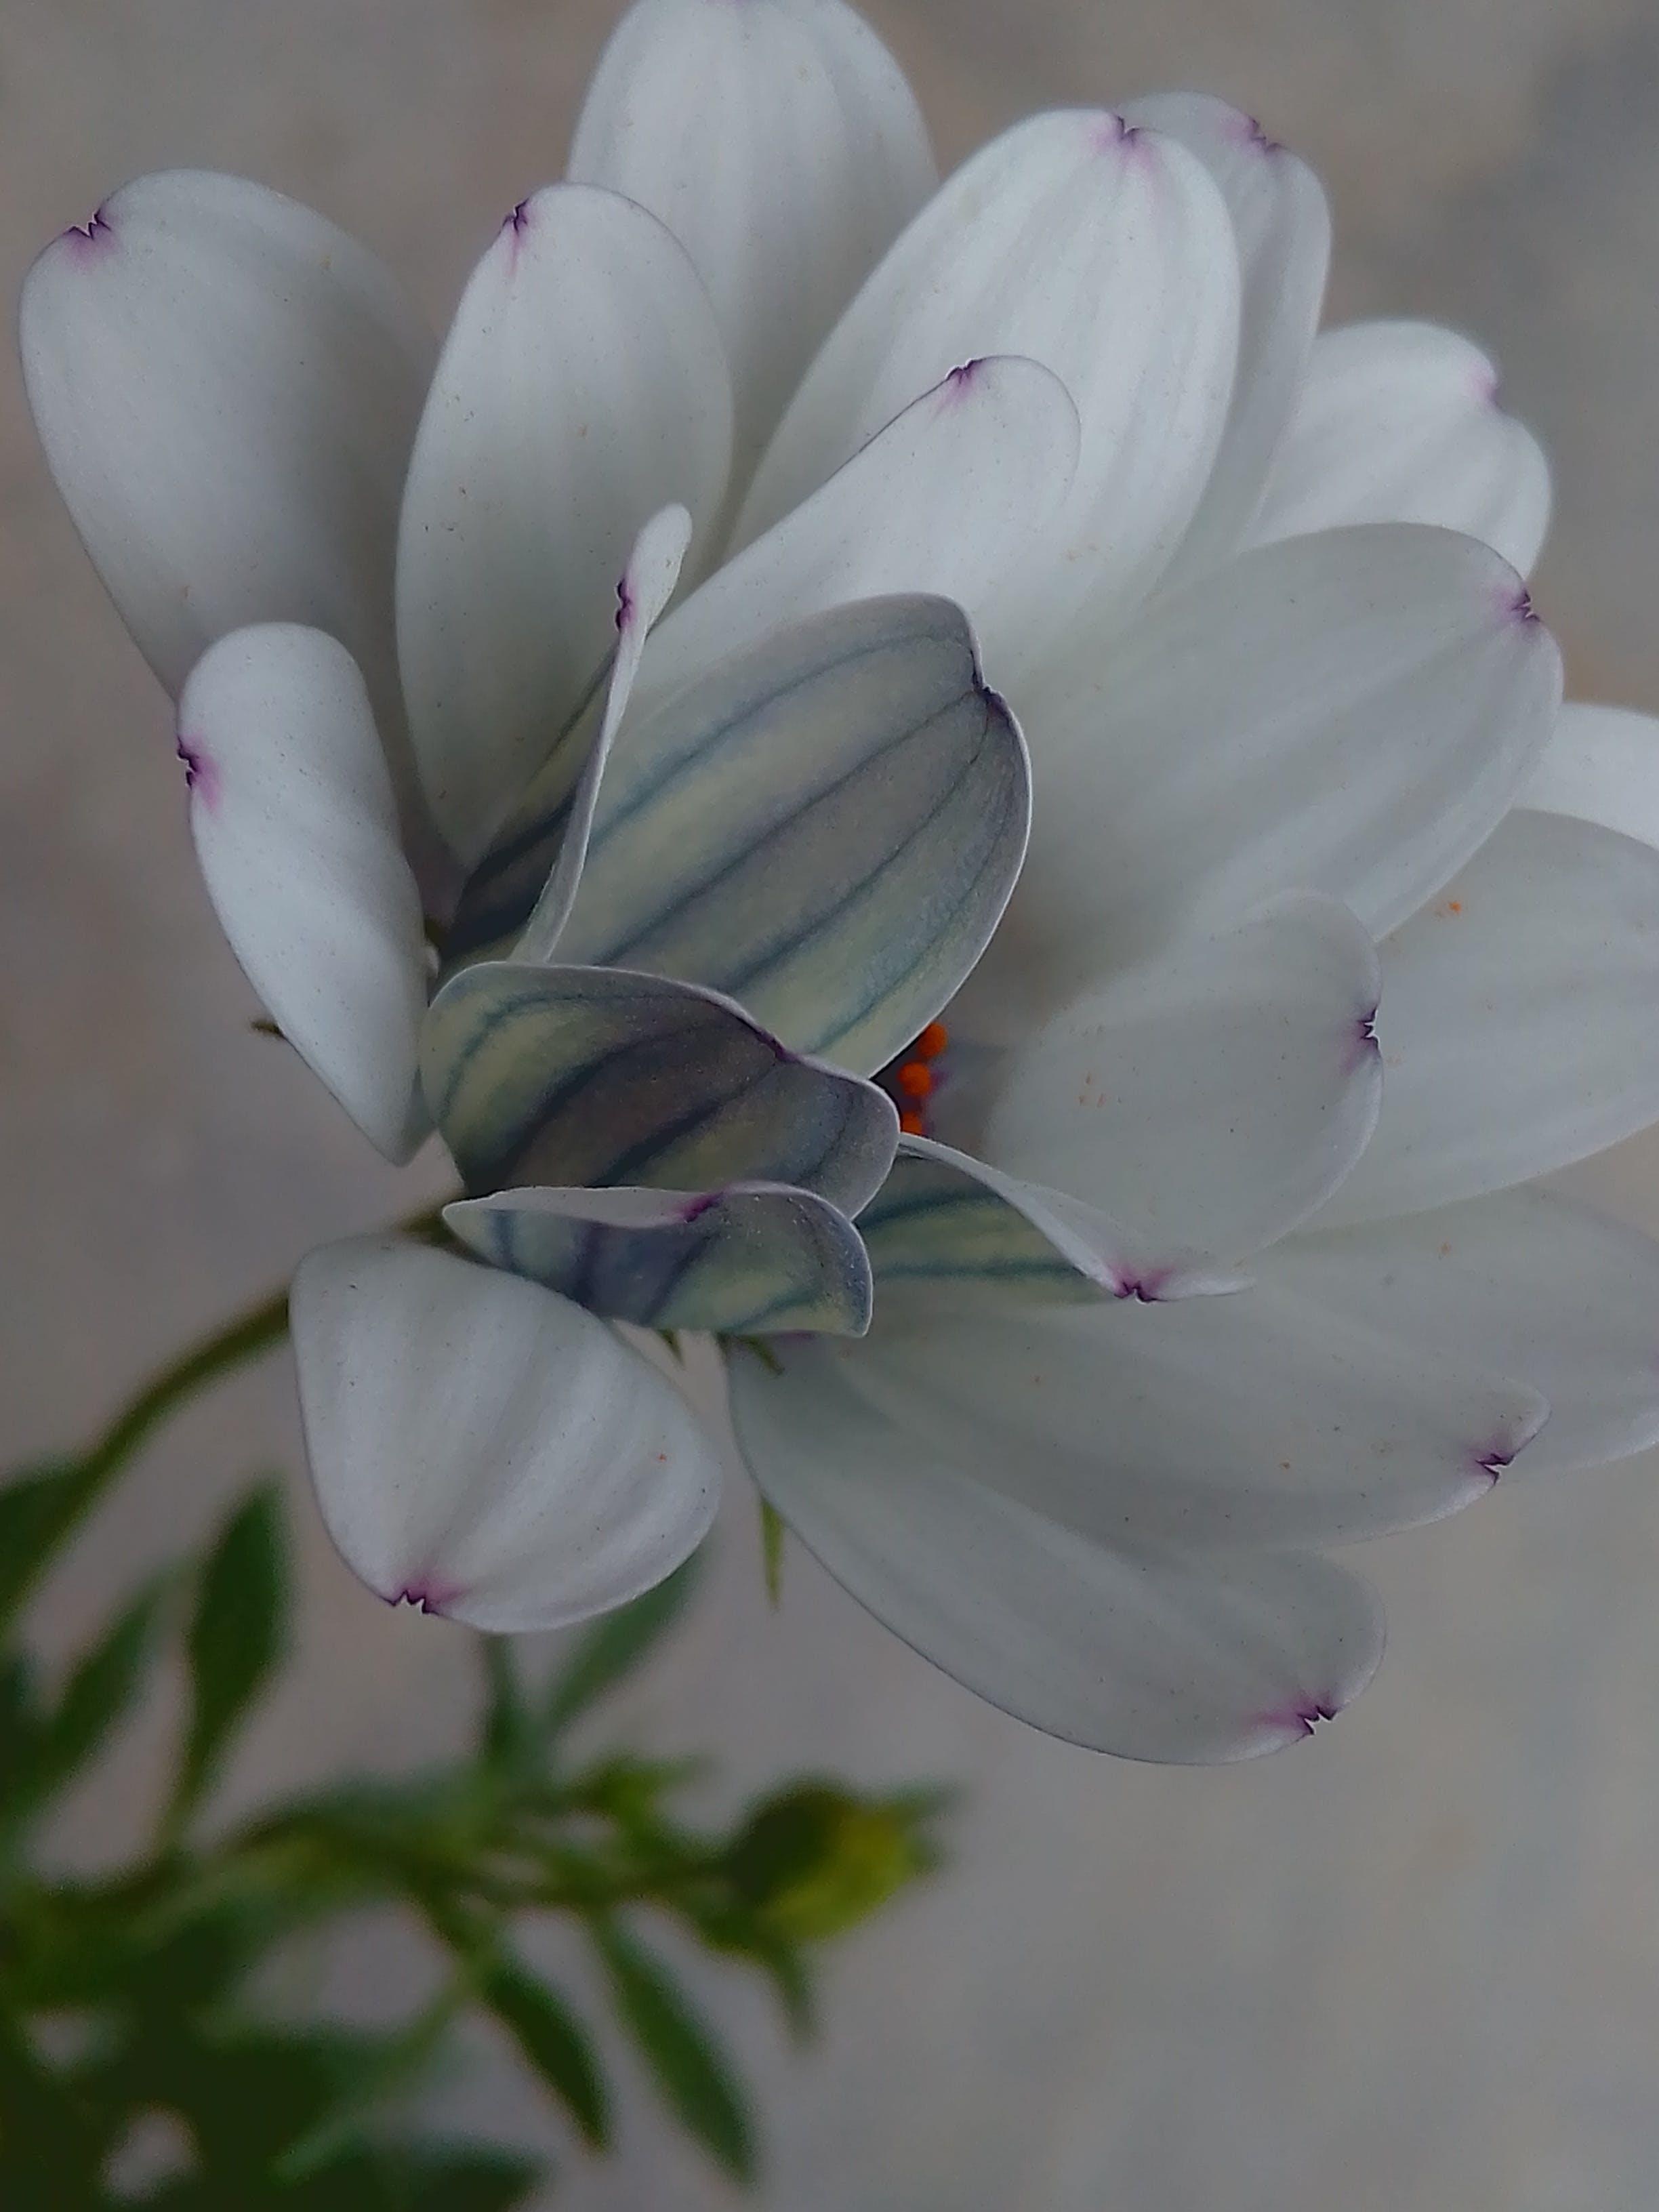 Gratis lagerfoto af blomst, blomsterflora, blomstermotiv, blomstring